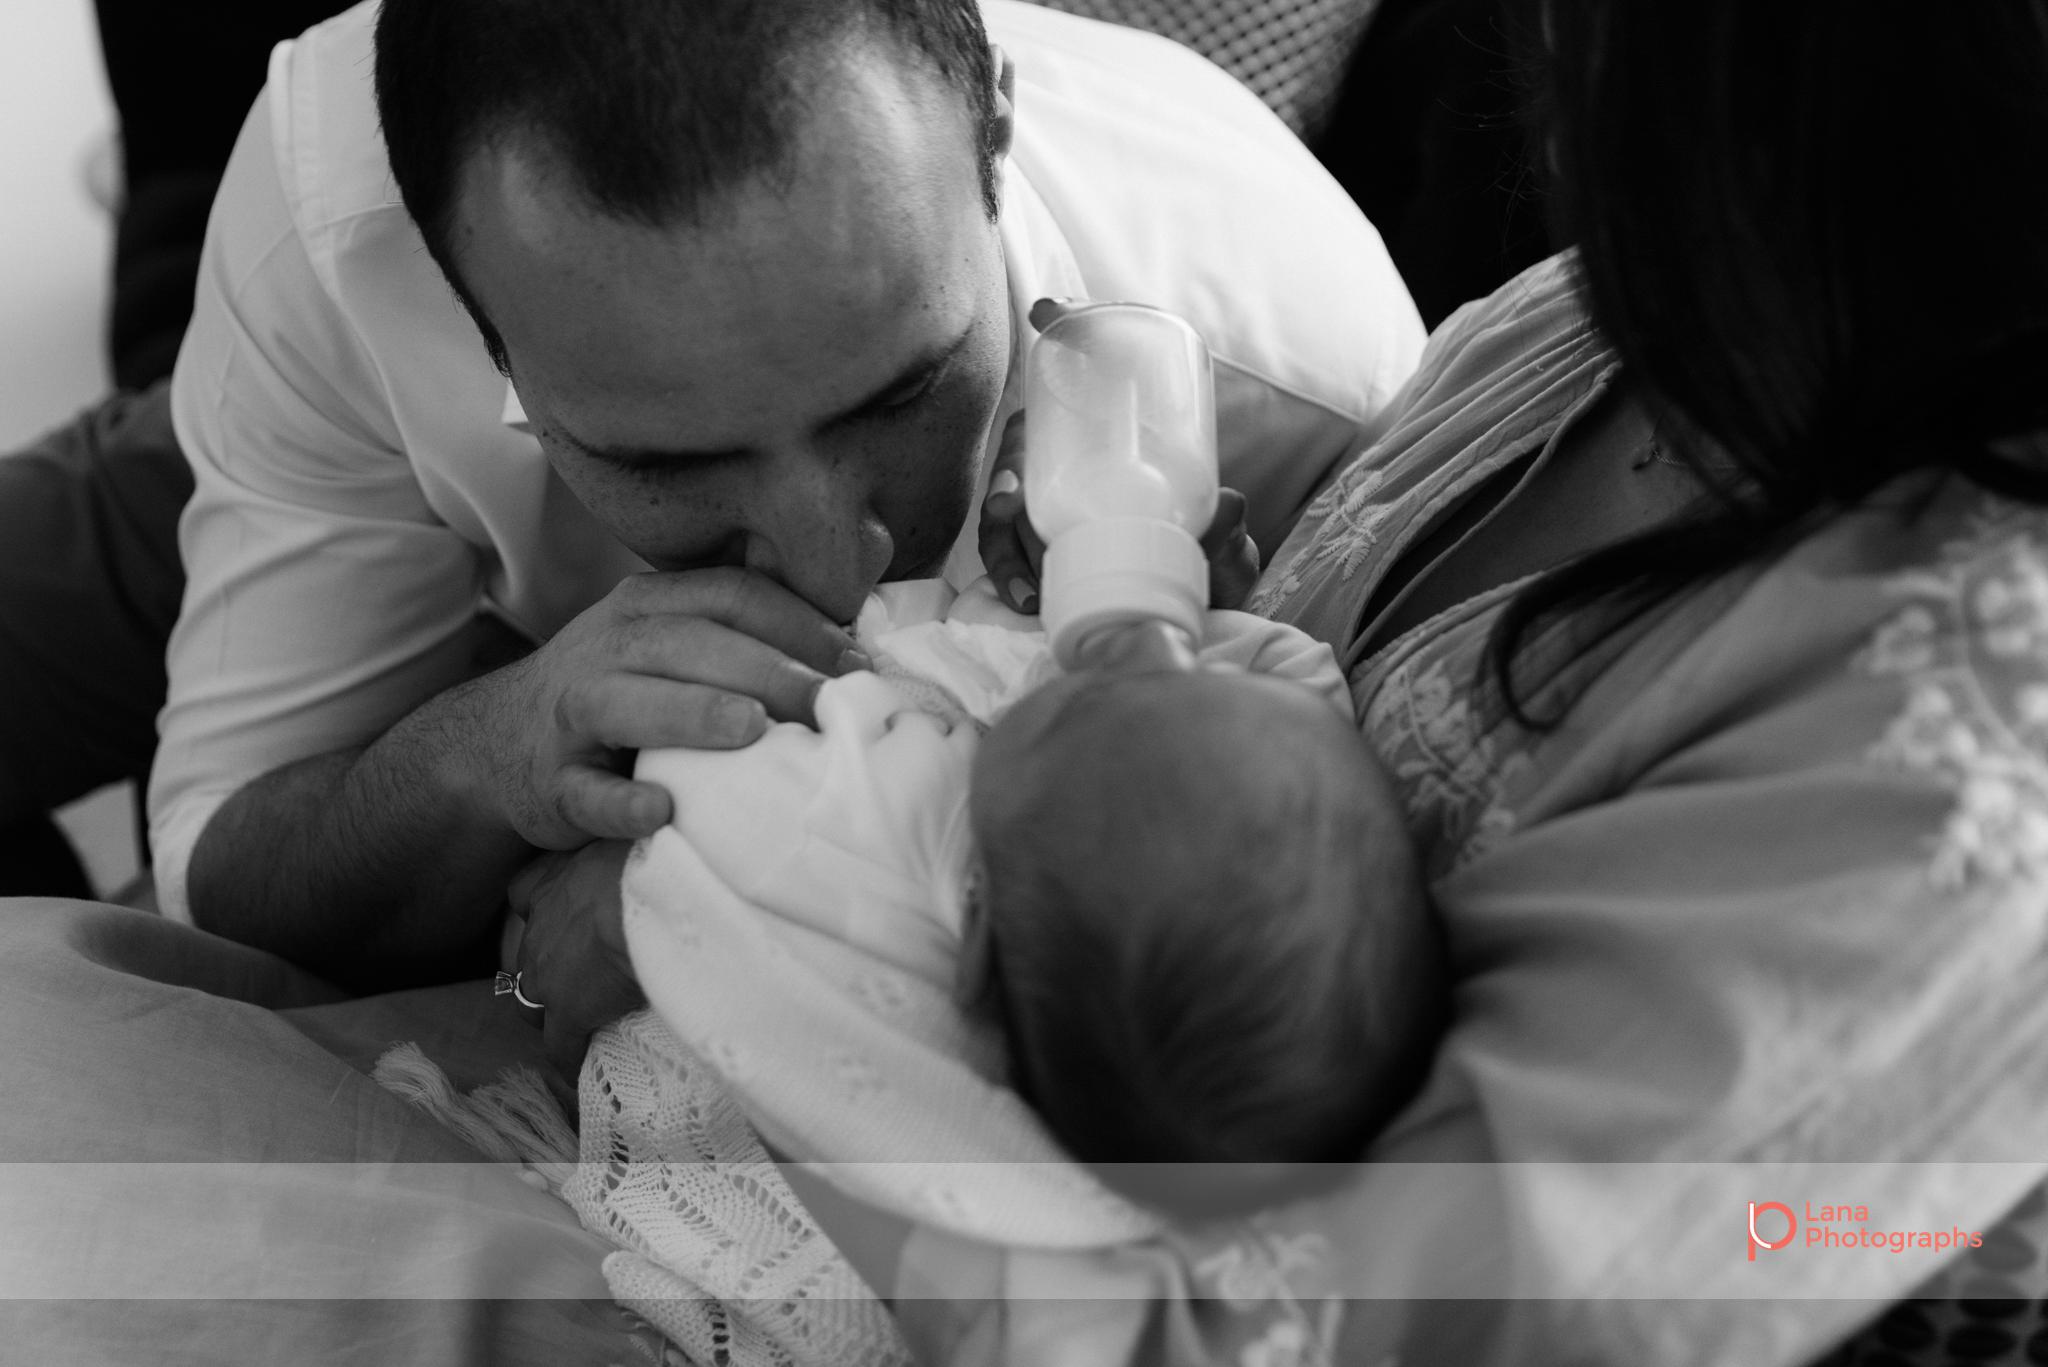 Lana-Photographs-Dubai-Family-Photographer-Noura-09.png